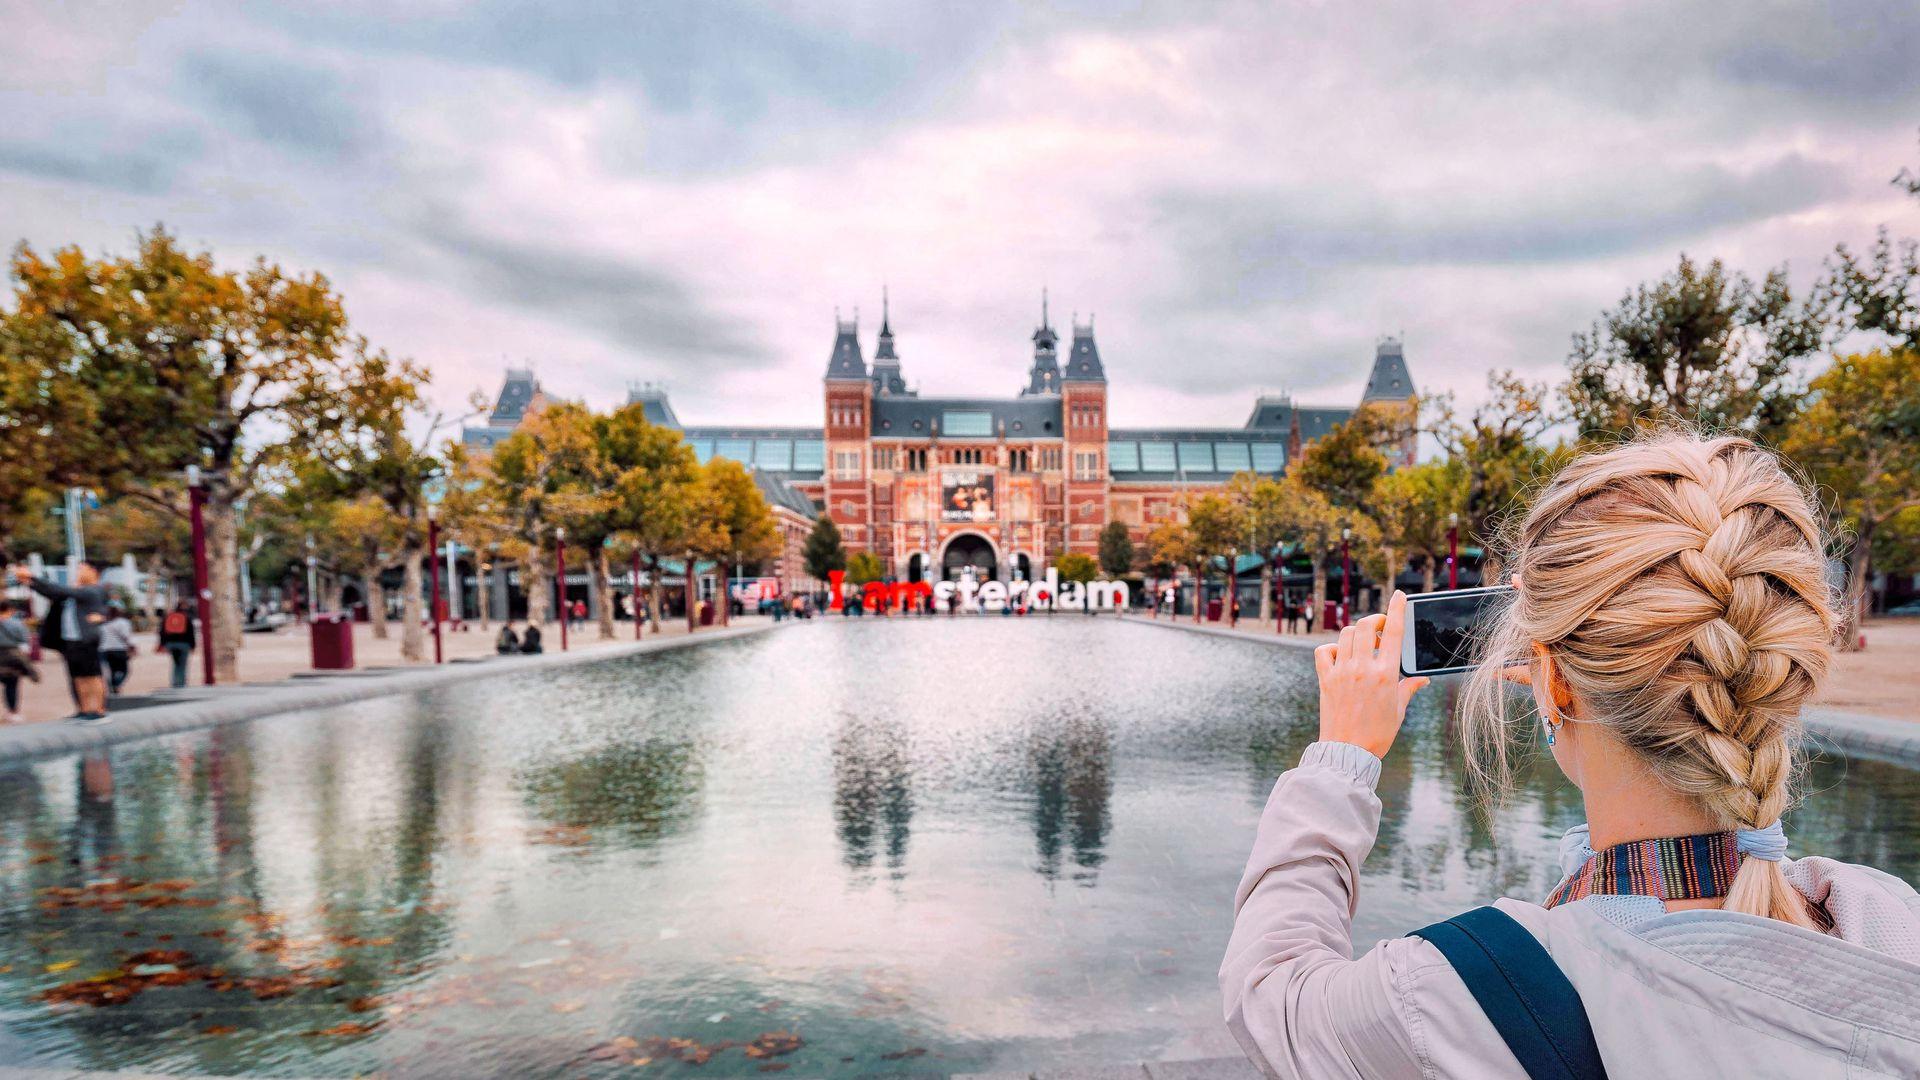 Rijksmuseum: Skip-the-Line & Audio Tour